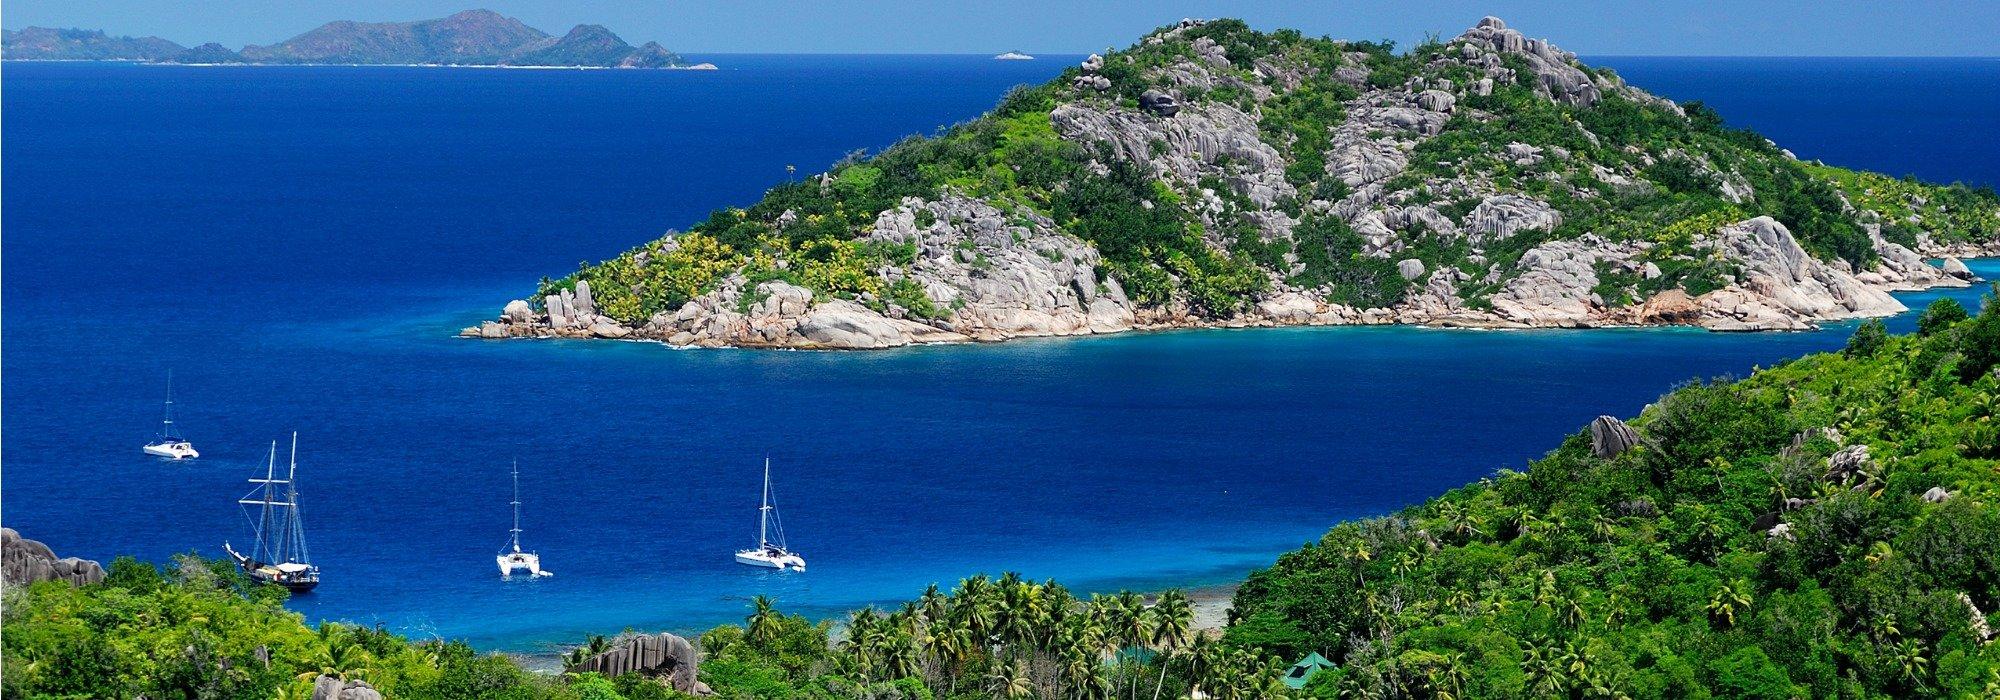 Grande Soeur Seychelles